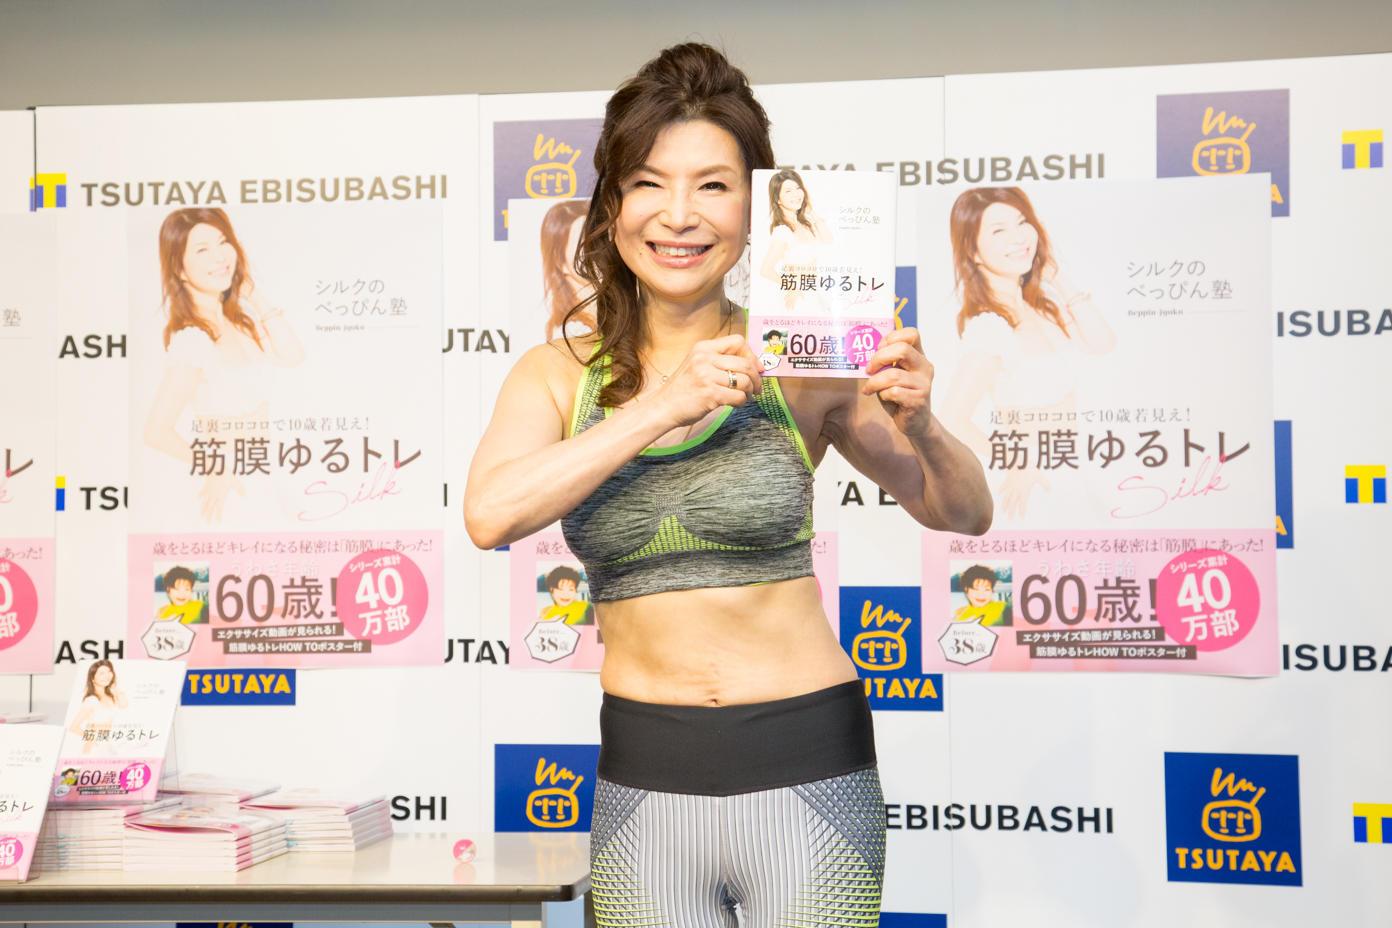 http://news.yoshimoto.co.jp/20180214230154-c931fc41800bf355101561cd0398734bd7244cb5.jpg